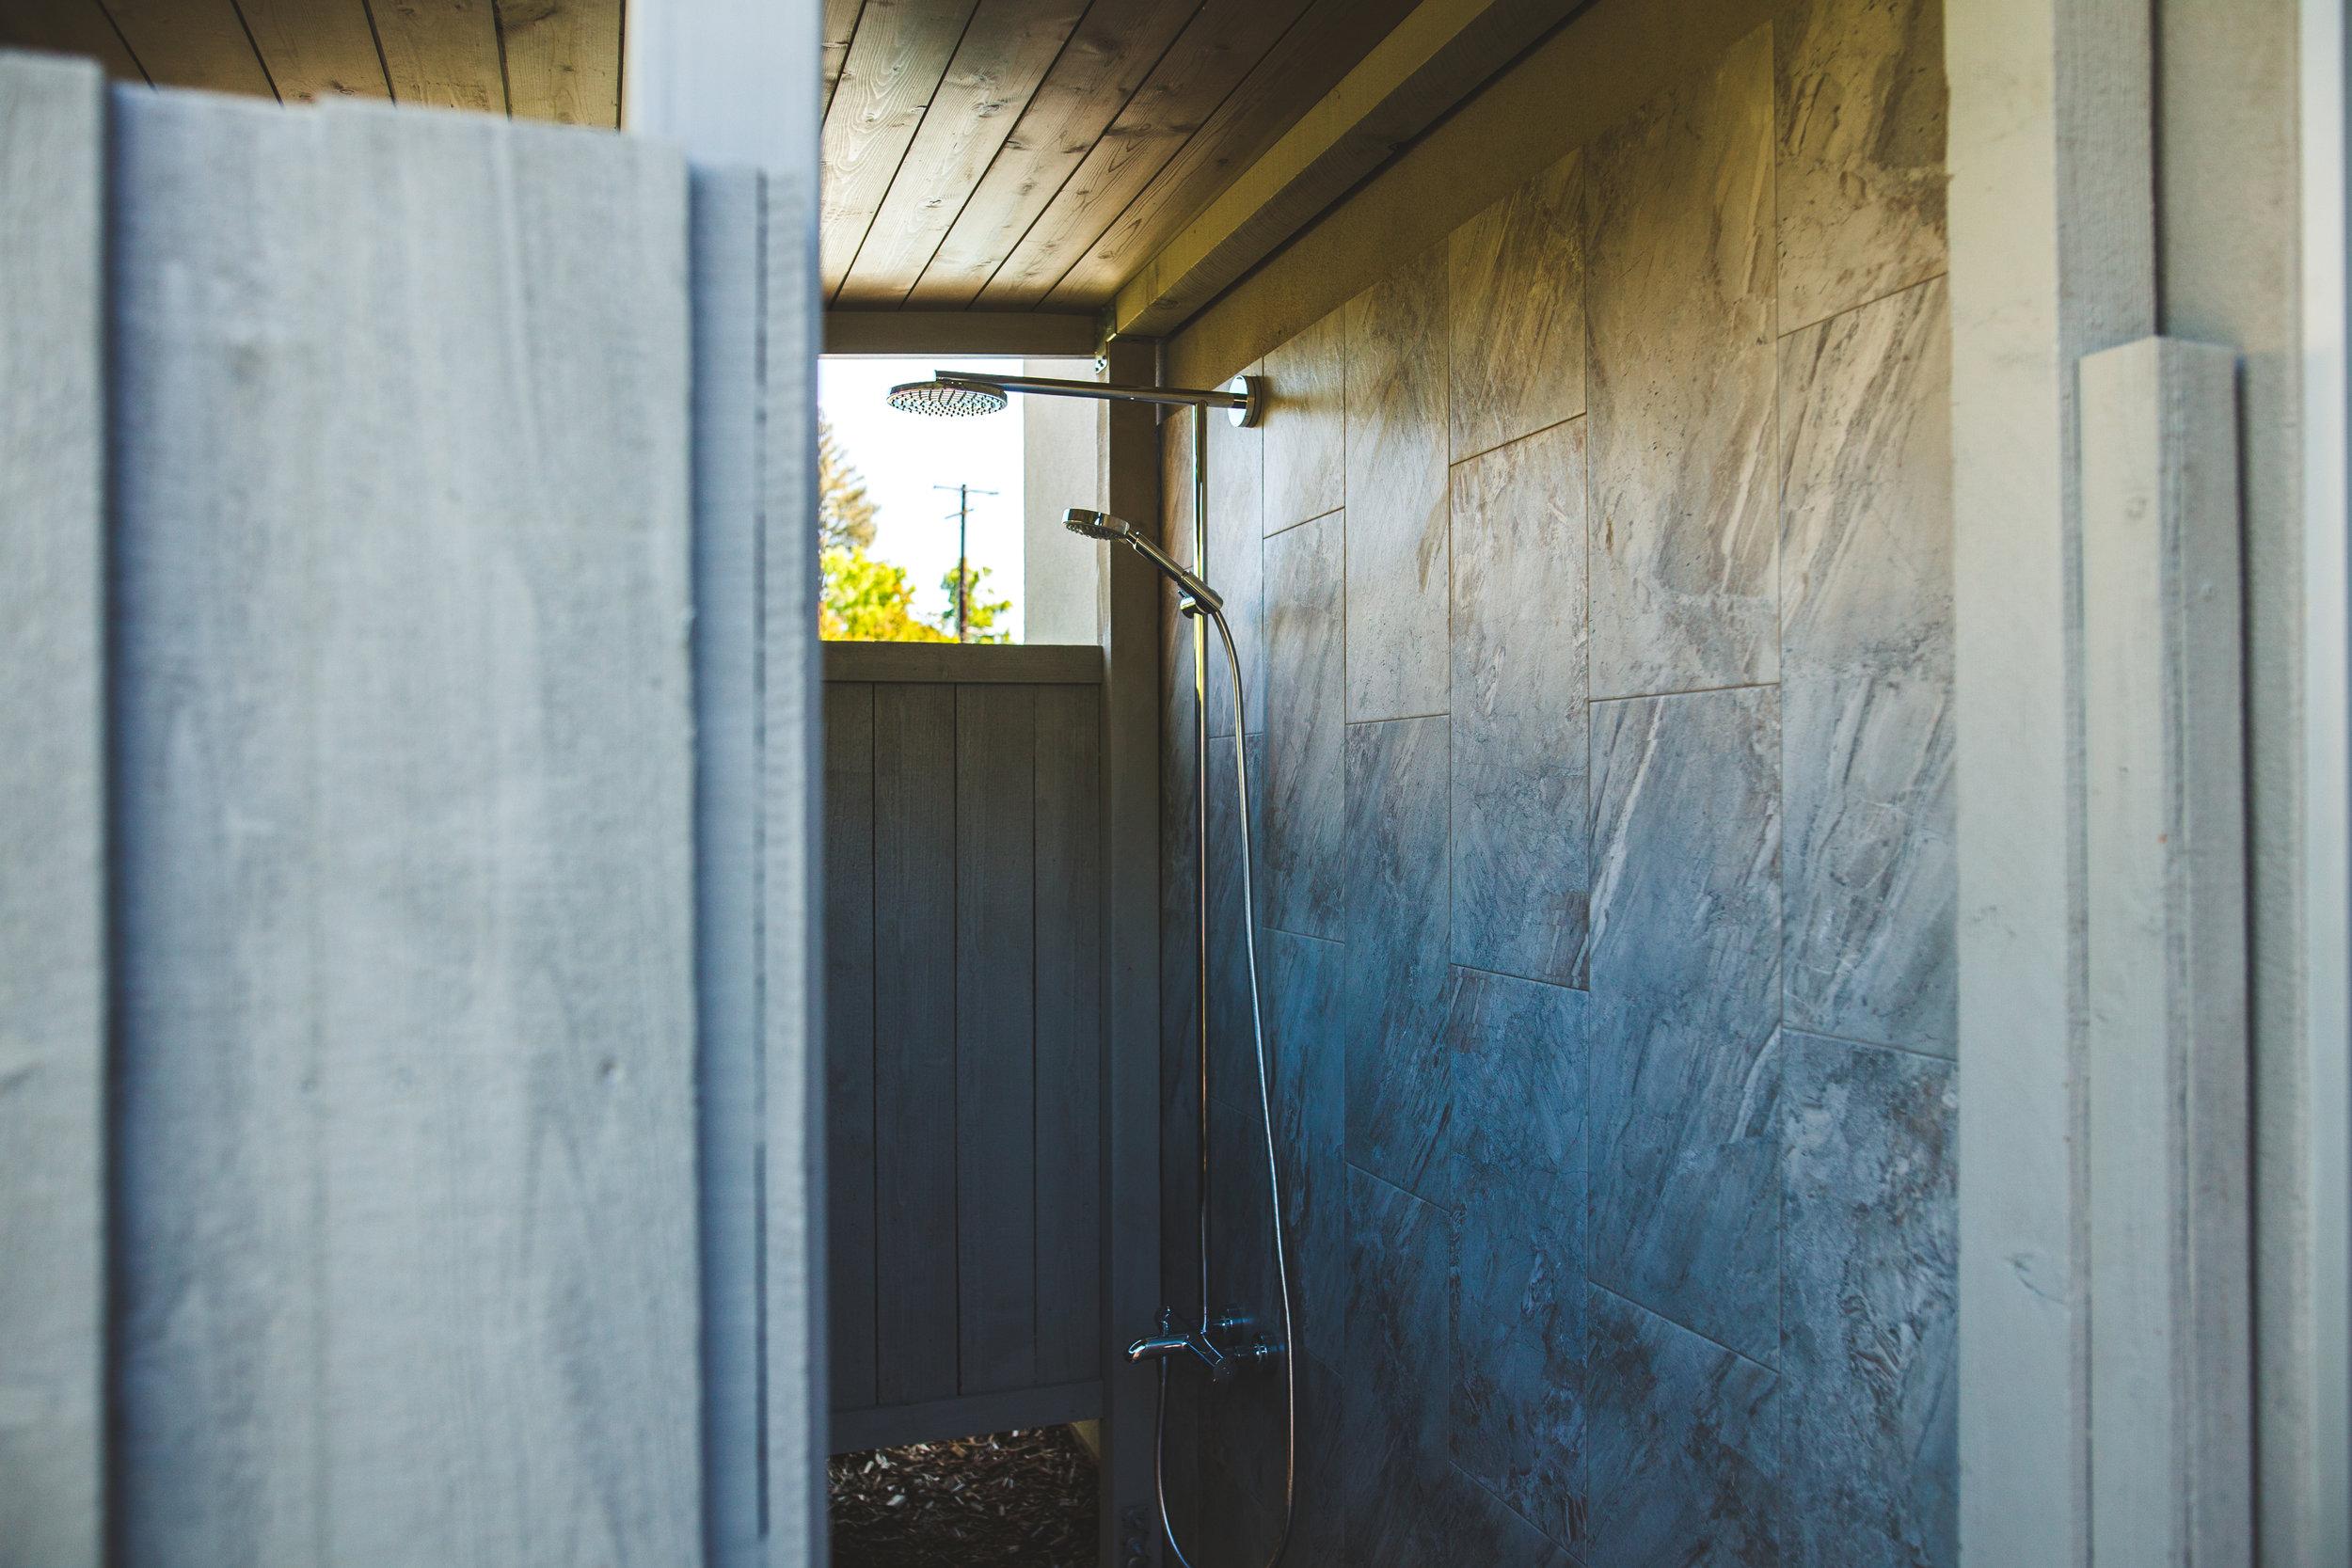 Outdoor-Shower-Gen-M-Architecture.jpg